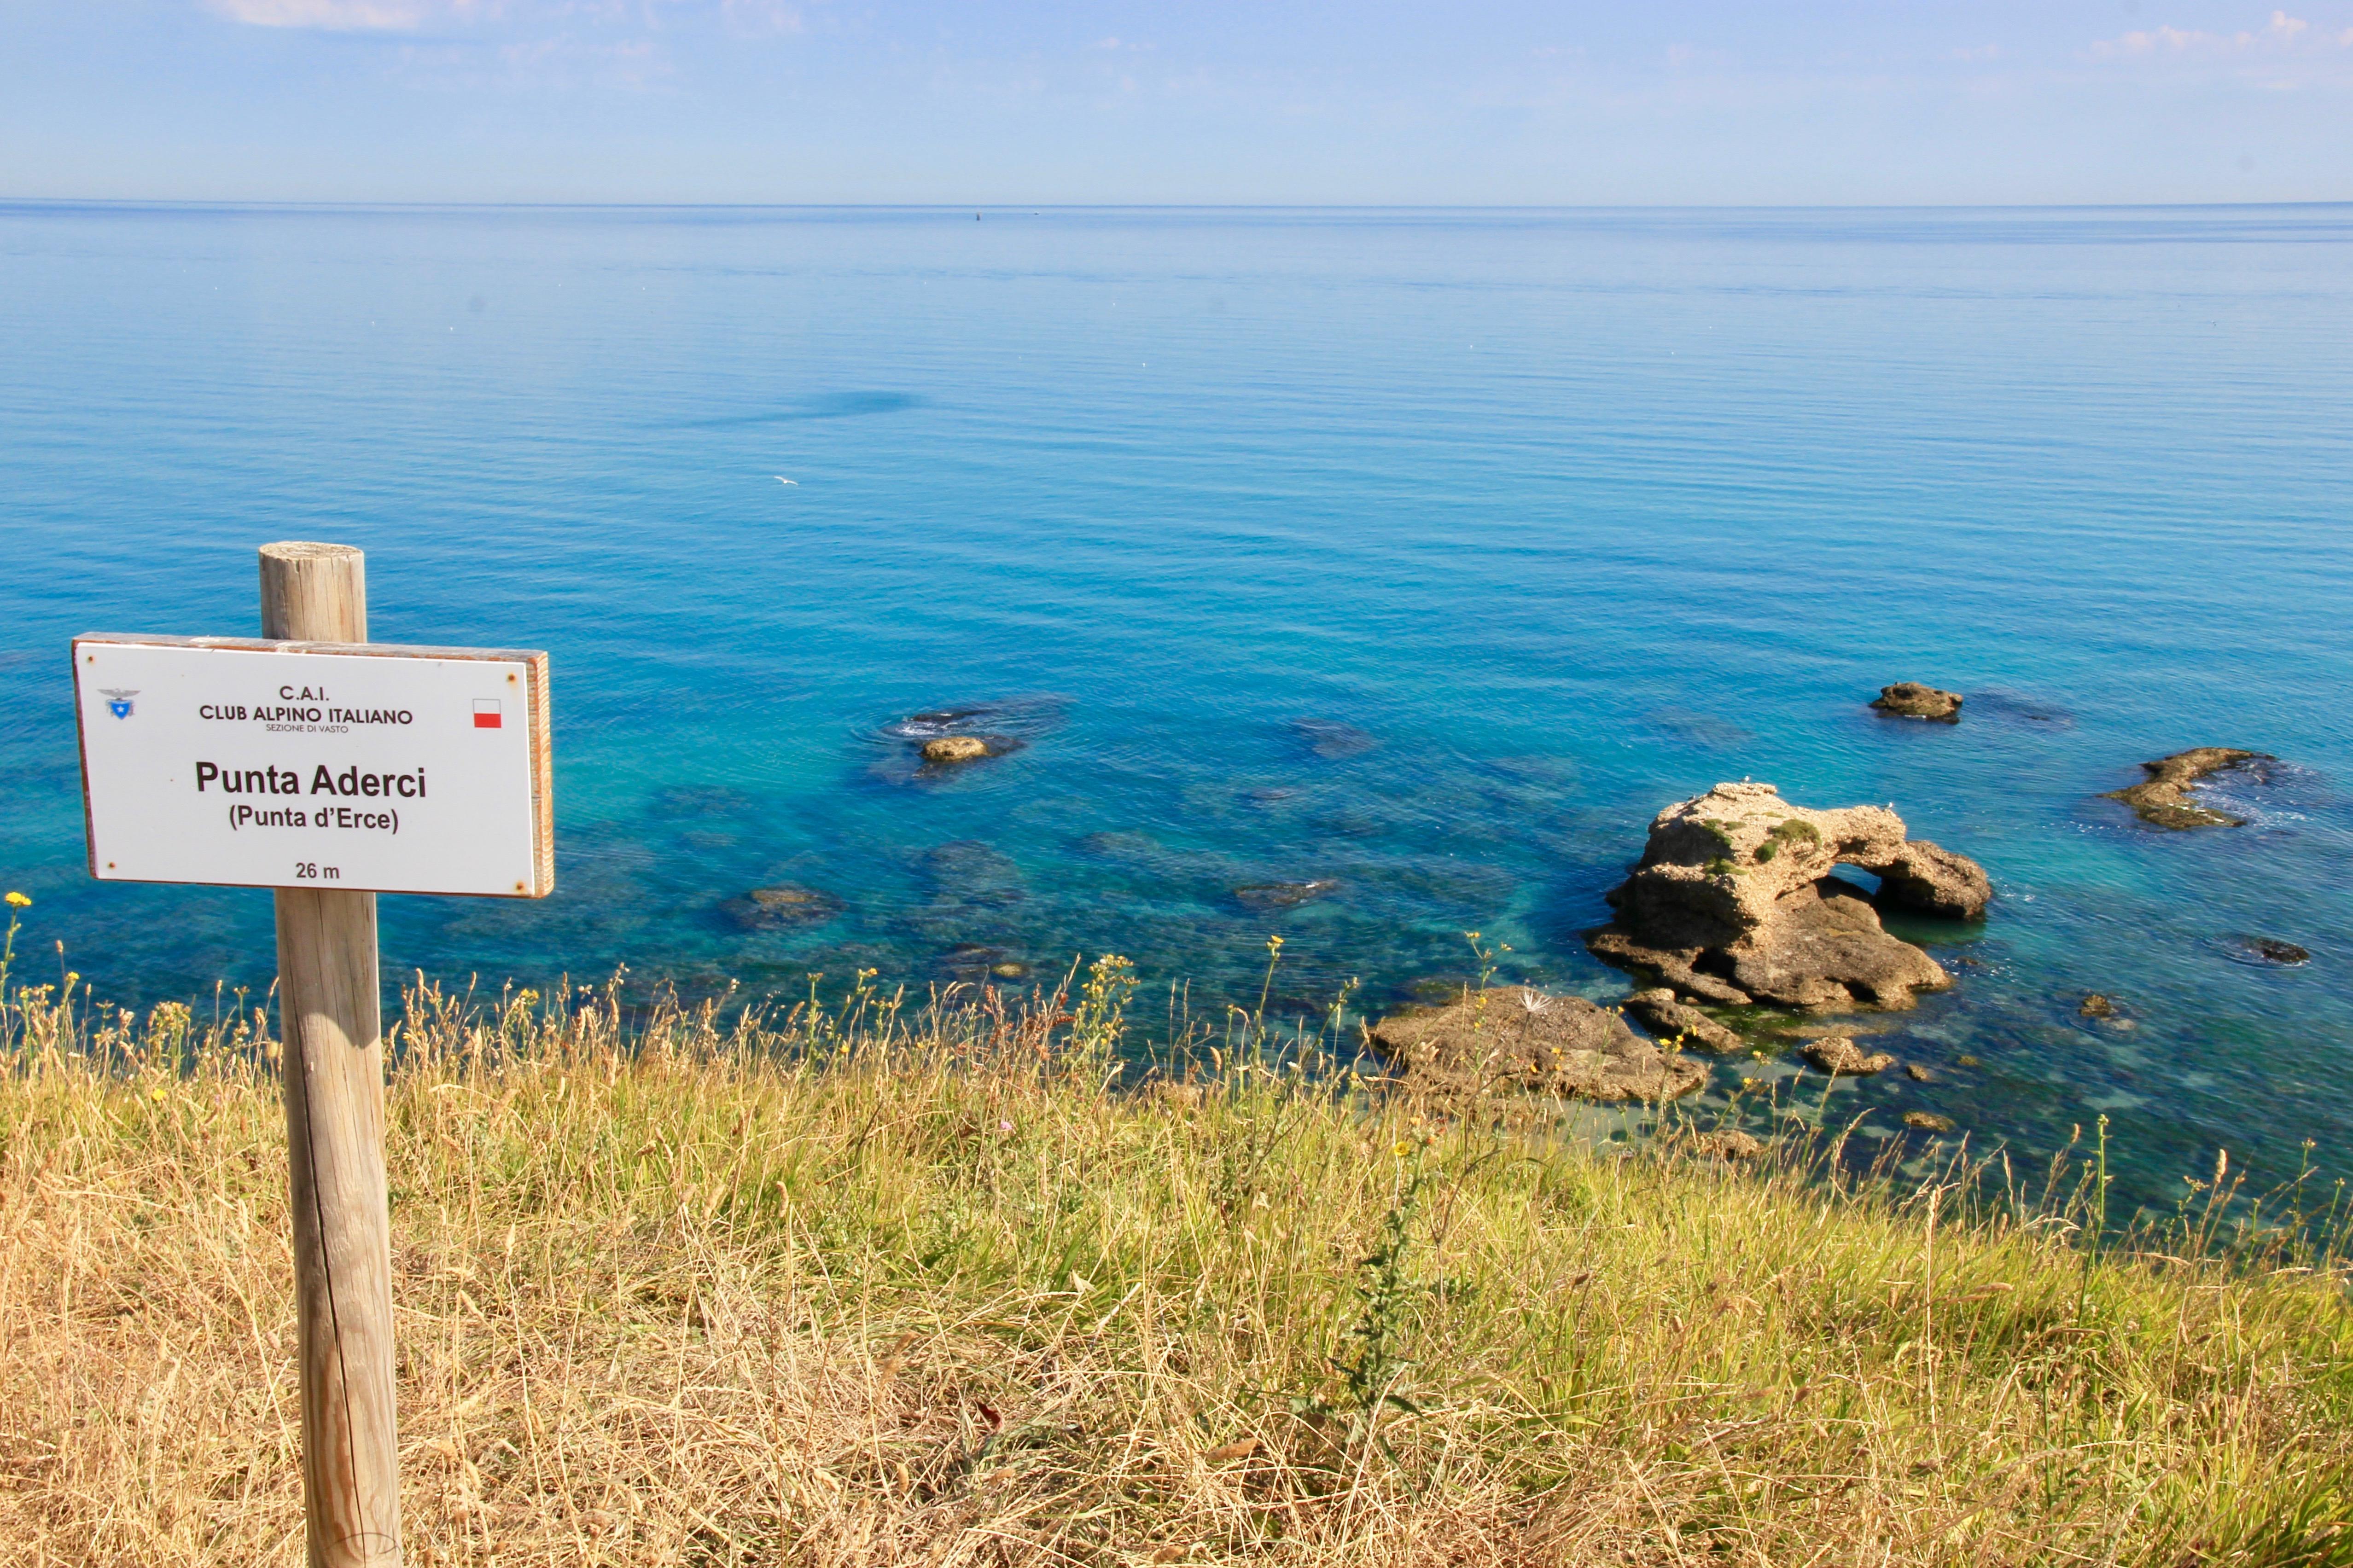 Punta Aderci Abruzzo